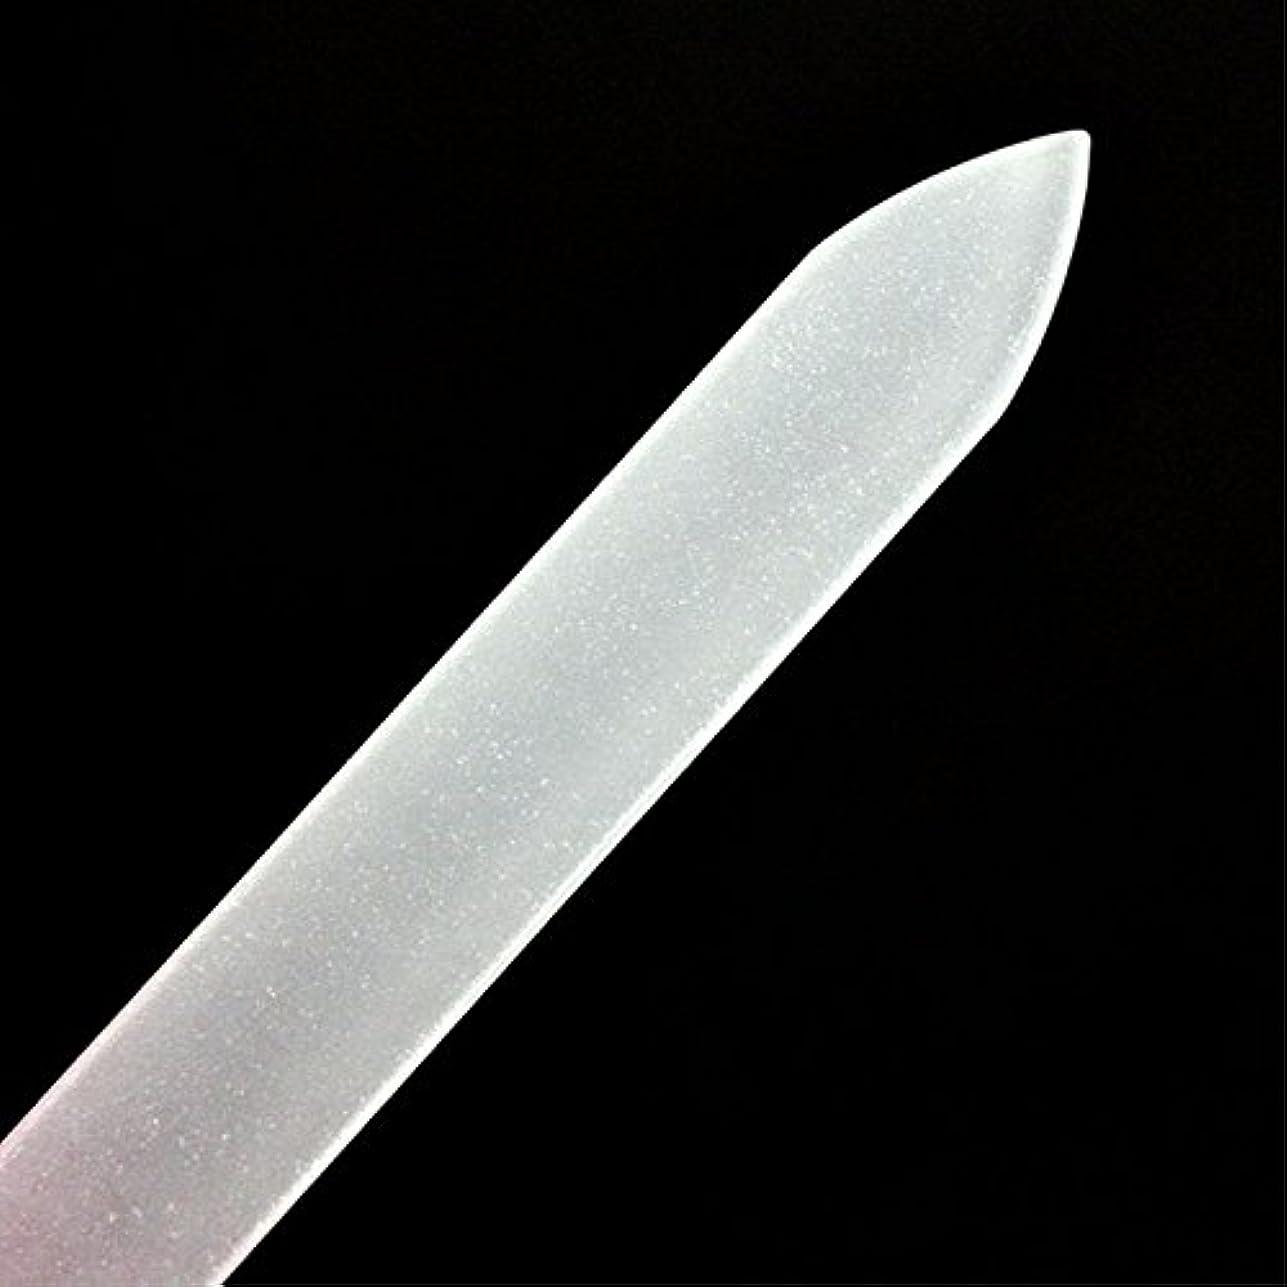 爪磨き つめみがき ネイルケア 爪やすり 用品ガラス製爪ヤスリ ガラス製 ケース付 つめやすり甘皮 ケア